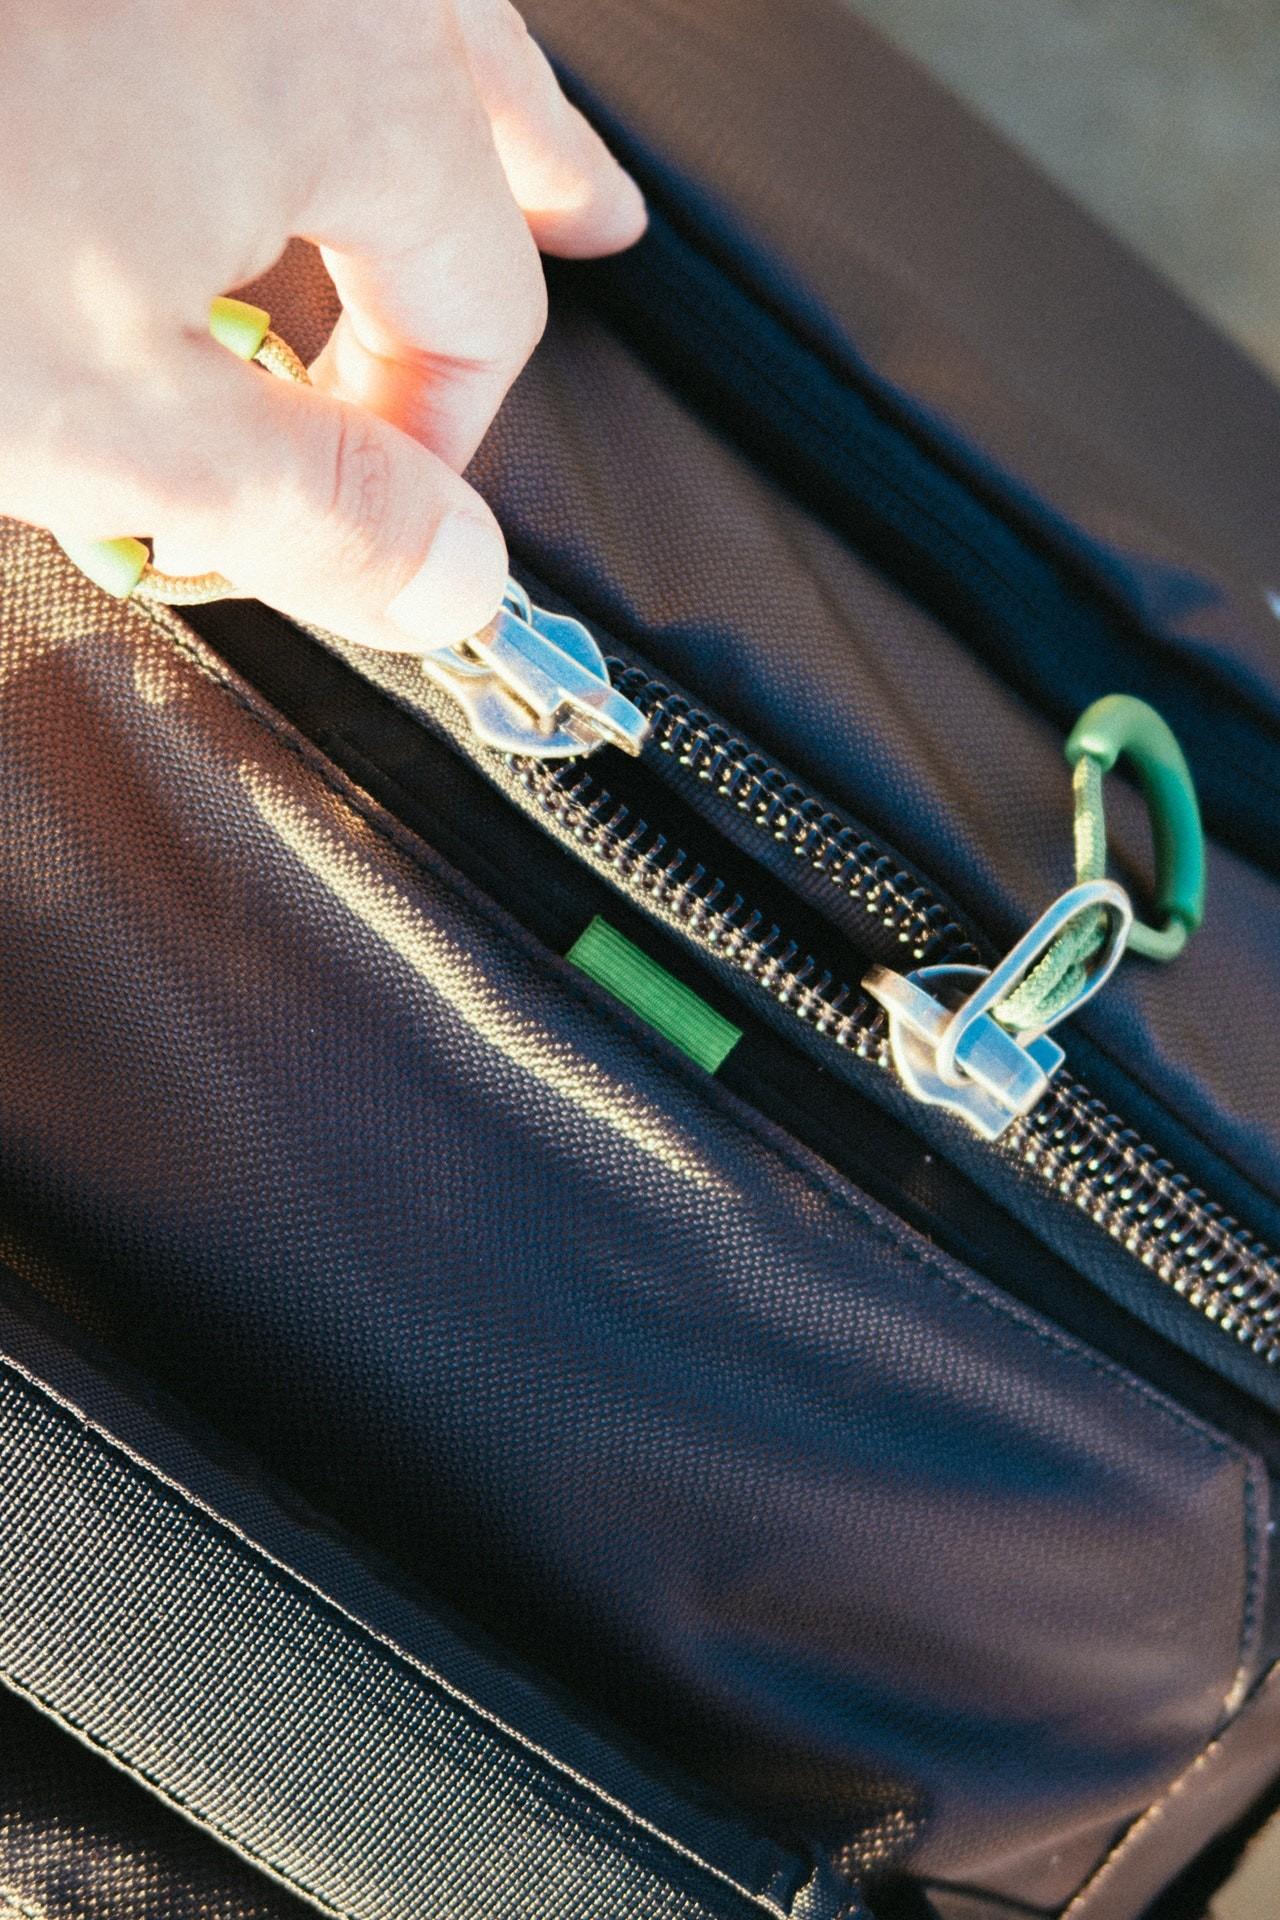 Gute Leder Laptoptaschen haben gute Reißverschlüsse